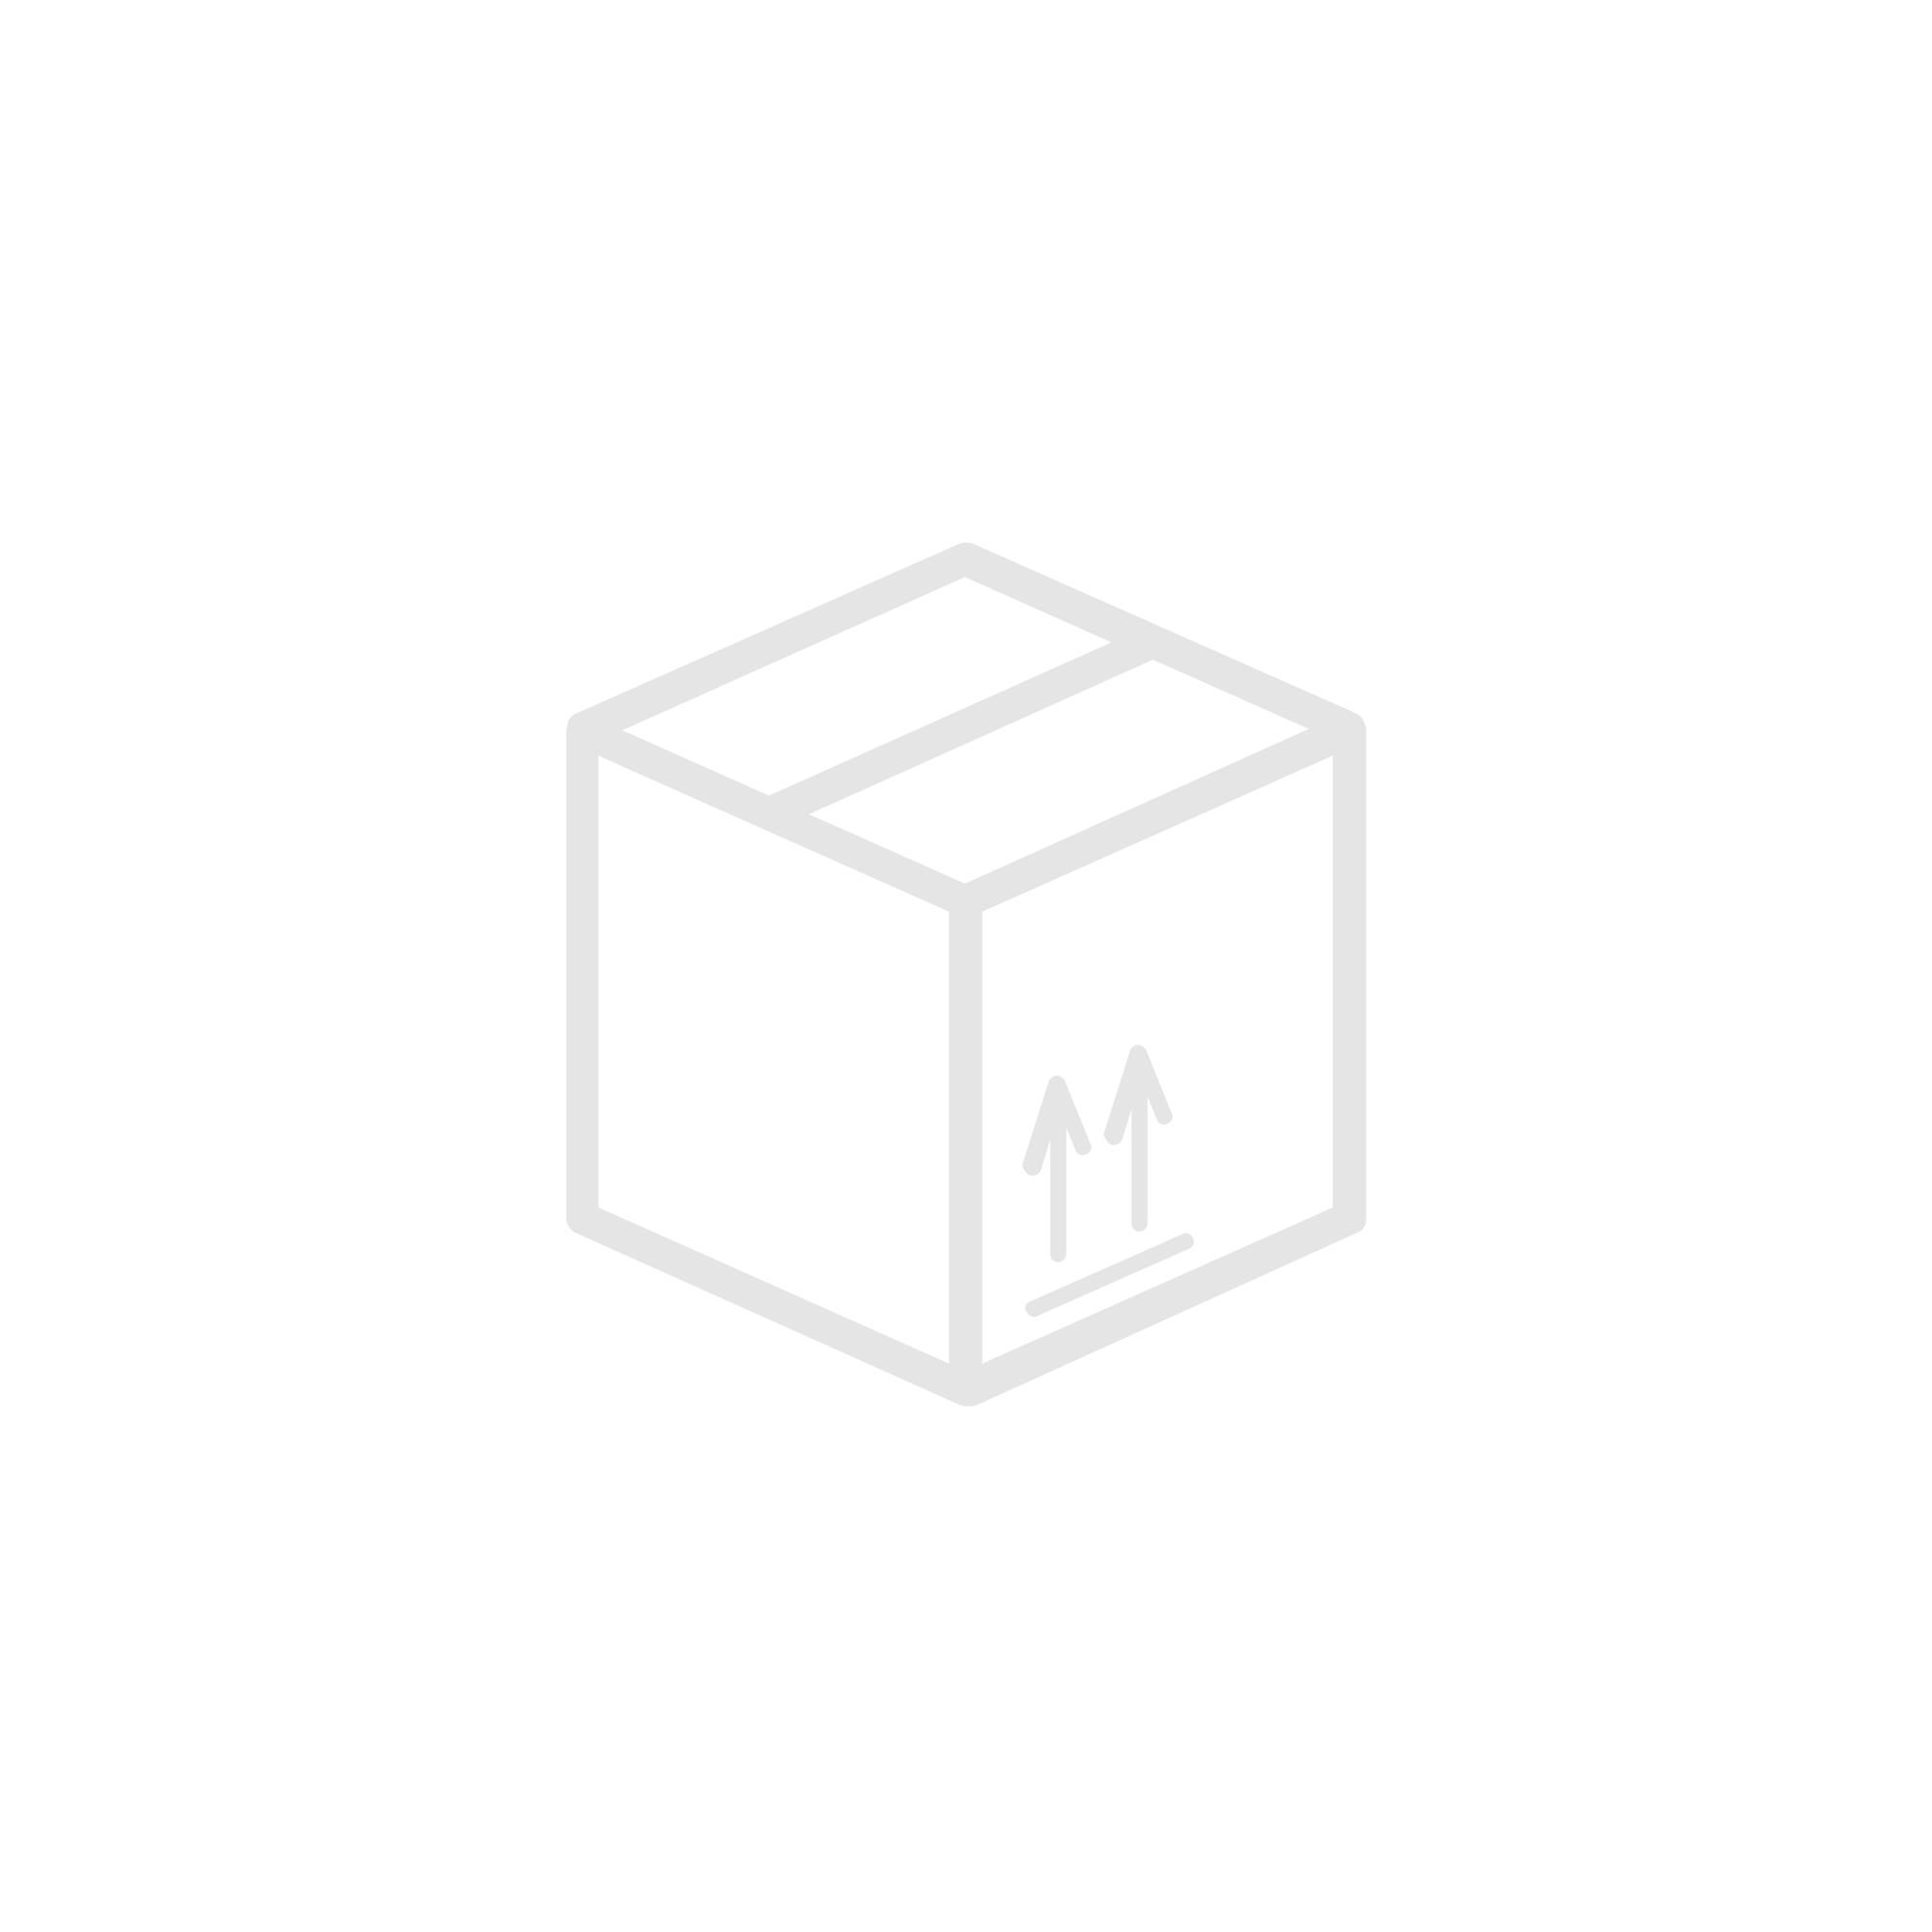 SPELSBERG 86050201 - WKE 2 - 5 X 6² TULEPÜSIV HARUKARP 5 POL 0.5 - 6 MM²